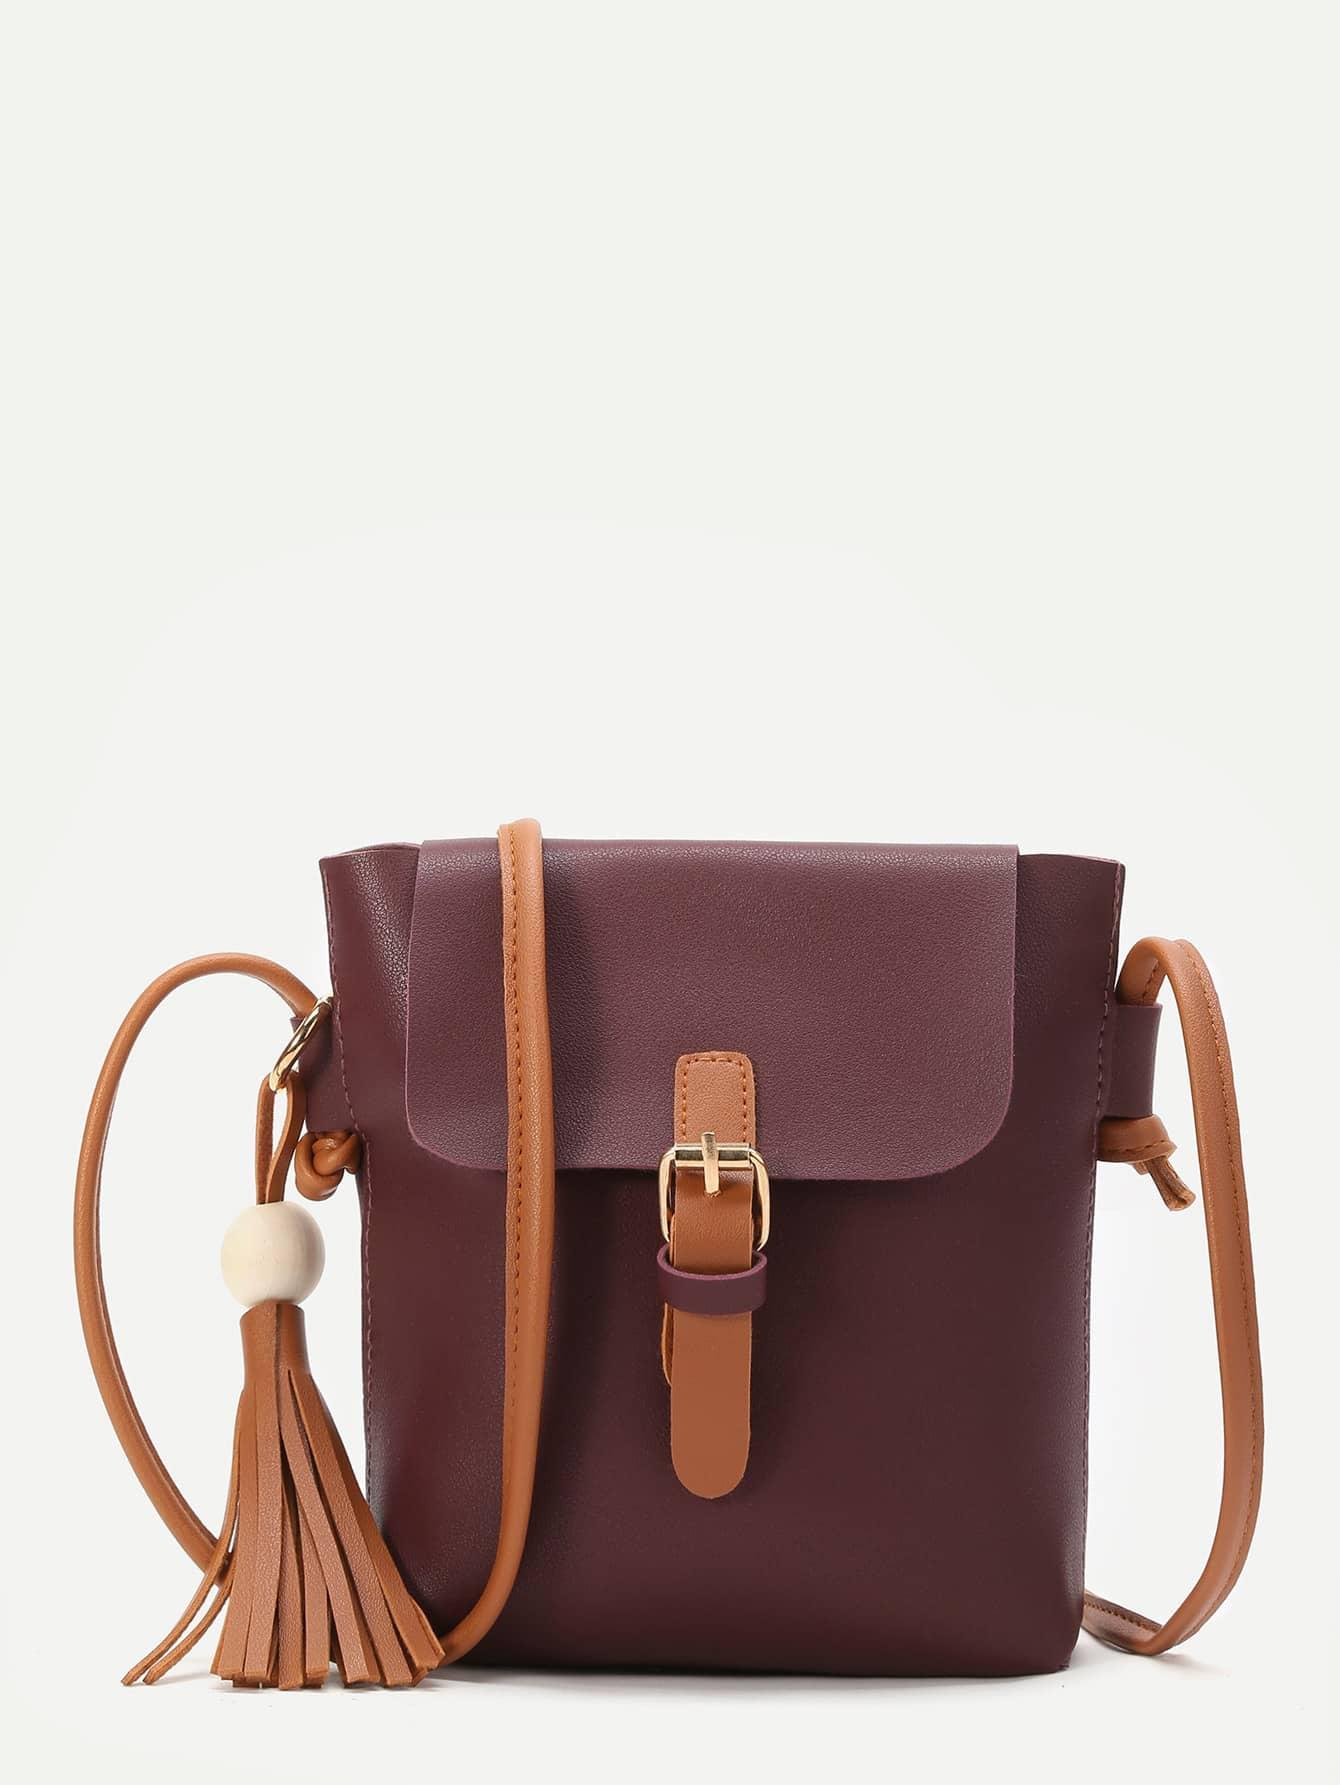 Фото Burgundy Buckle PU Shoulder Bag With Contrast Strap. Купить с доставкой